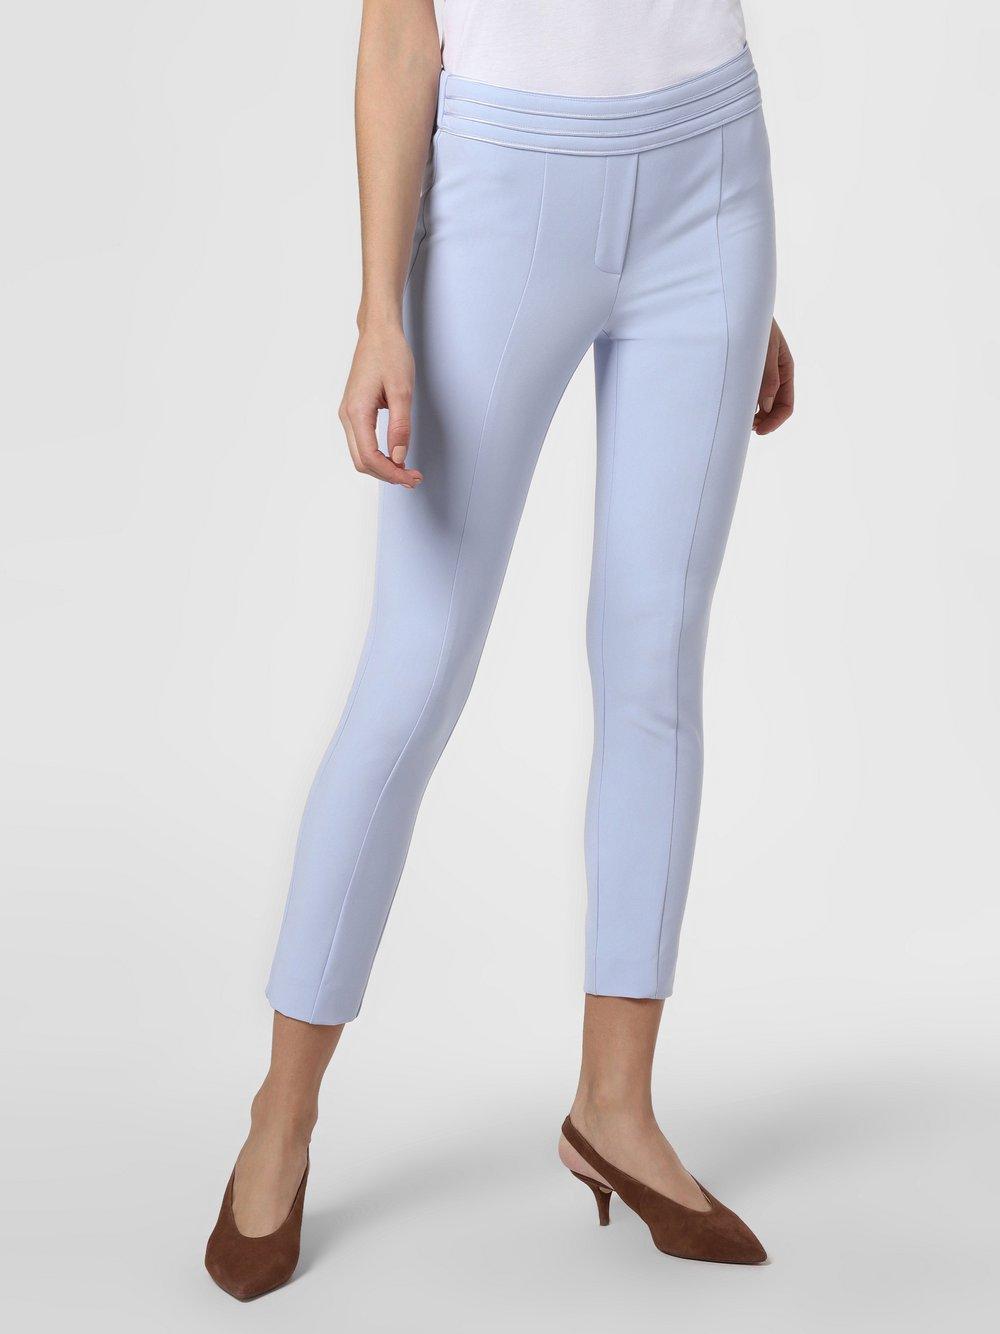 STEFFEN SCHRAUT – Spodnie damskie, niebieski Van Graaf 462145-0001-00360